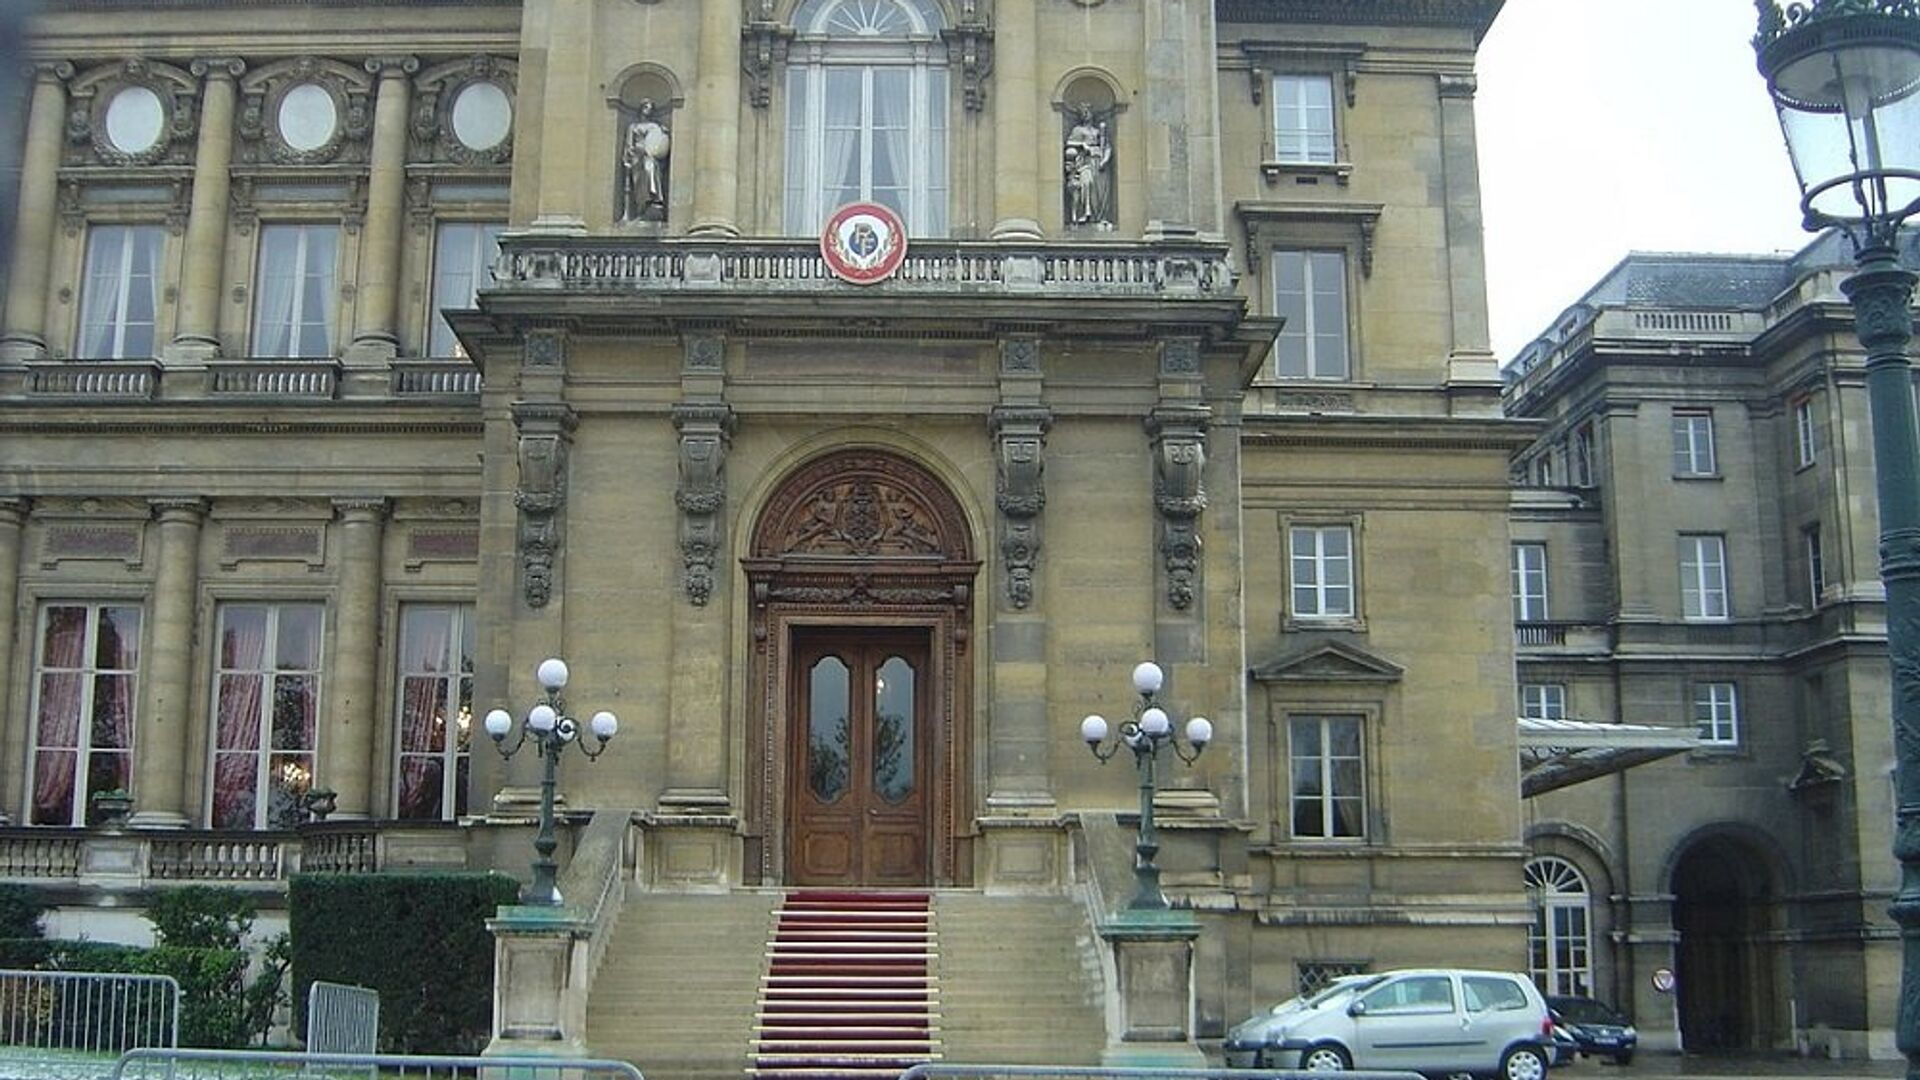 Le siège du ministère français des Affaires étrangères, sur le Quai d'Orsay à Paris - Sputnik France, 1920, 13.10.2021